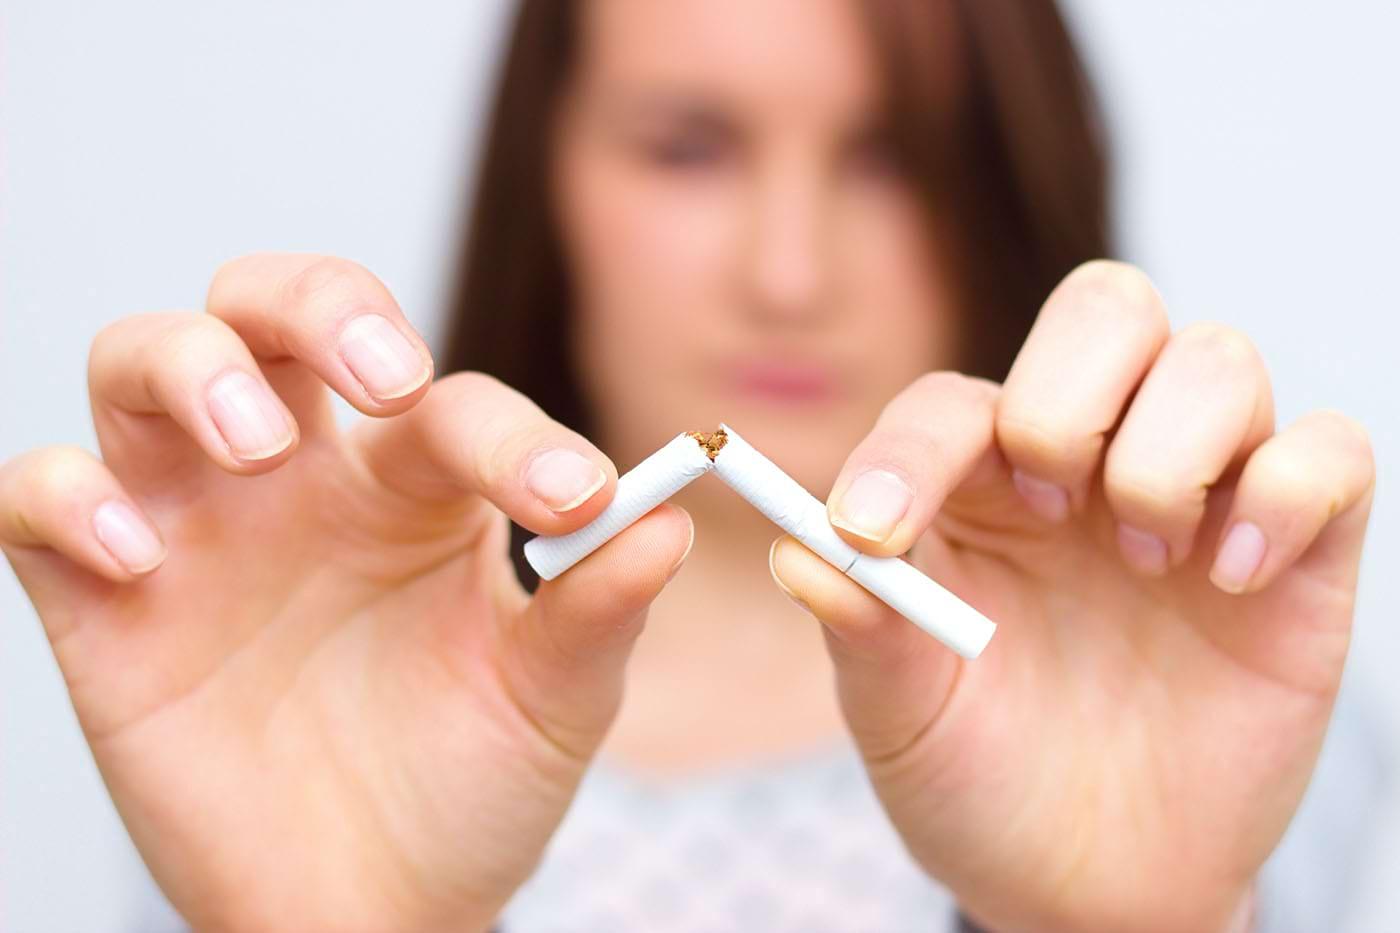 Intenționezi să te lași de fumat? La ce simptome să te aștepți